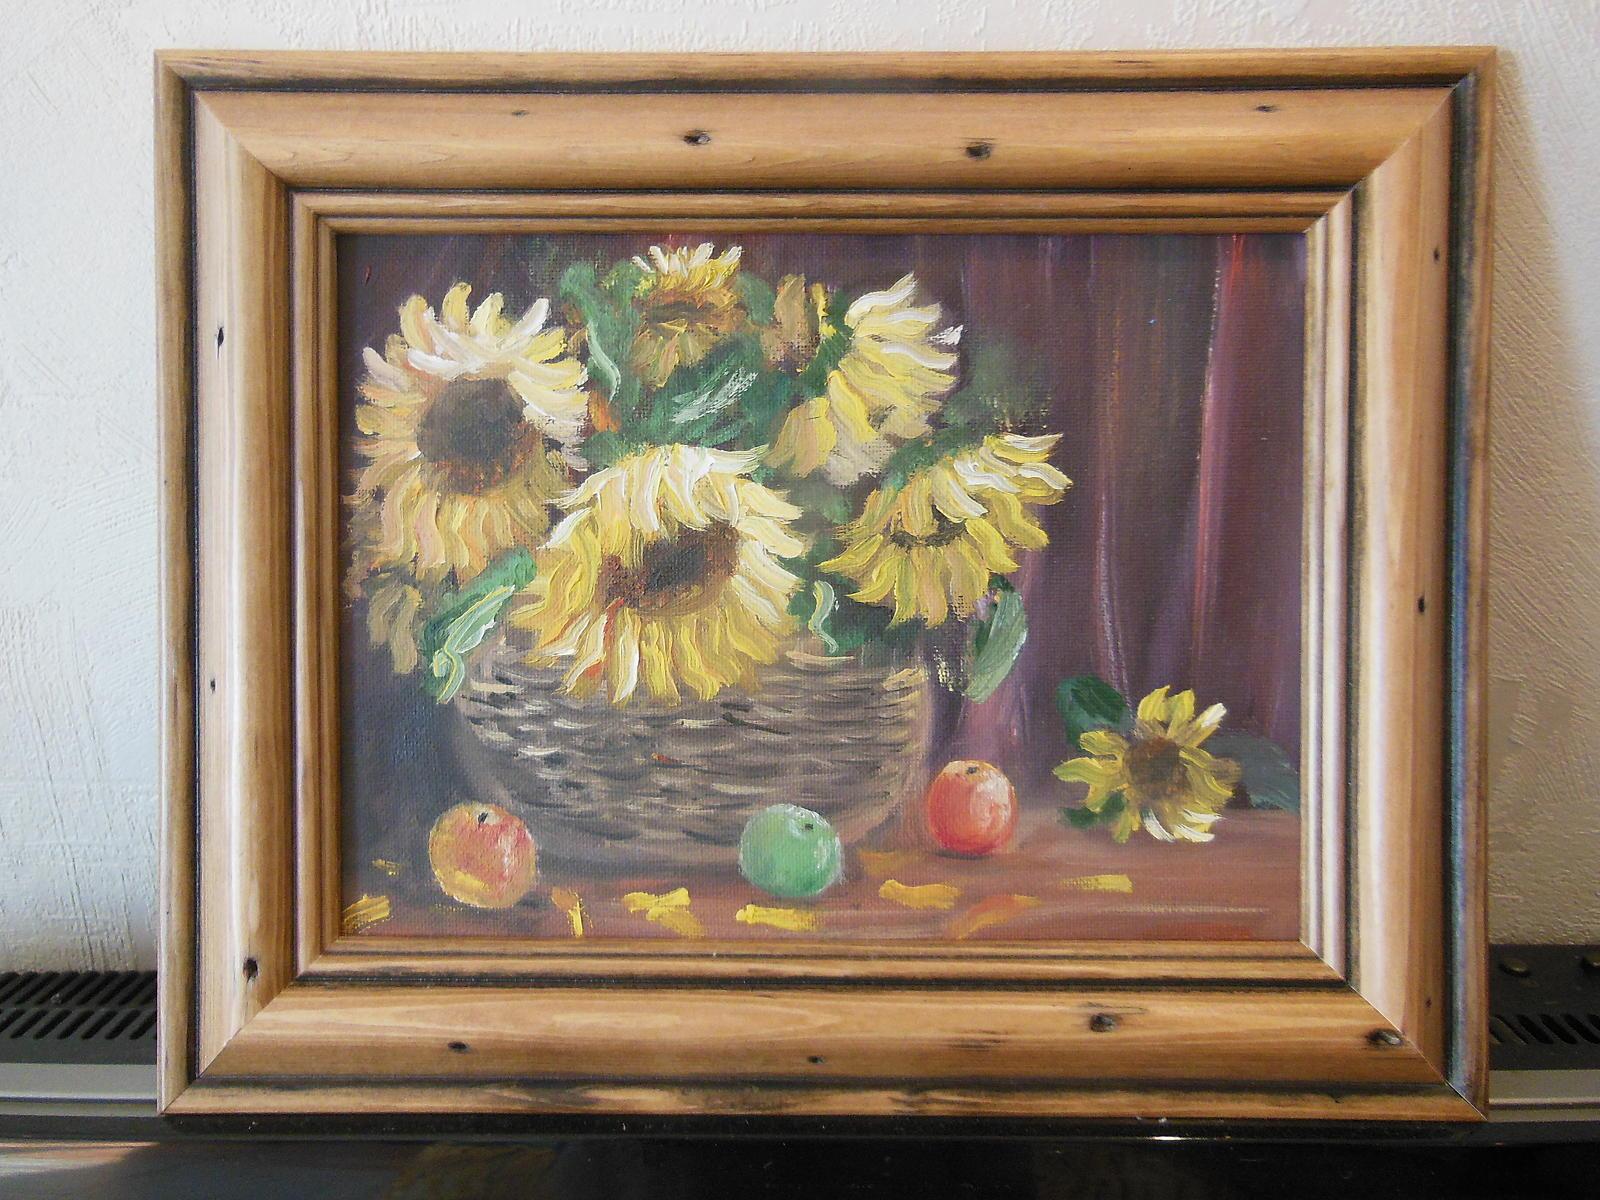 Вязанье картин своими руками фото 134